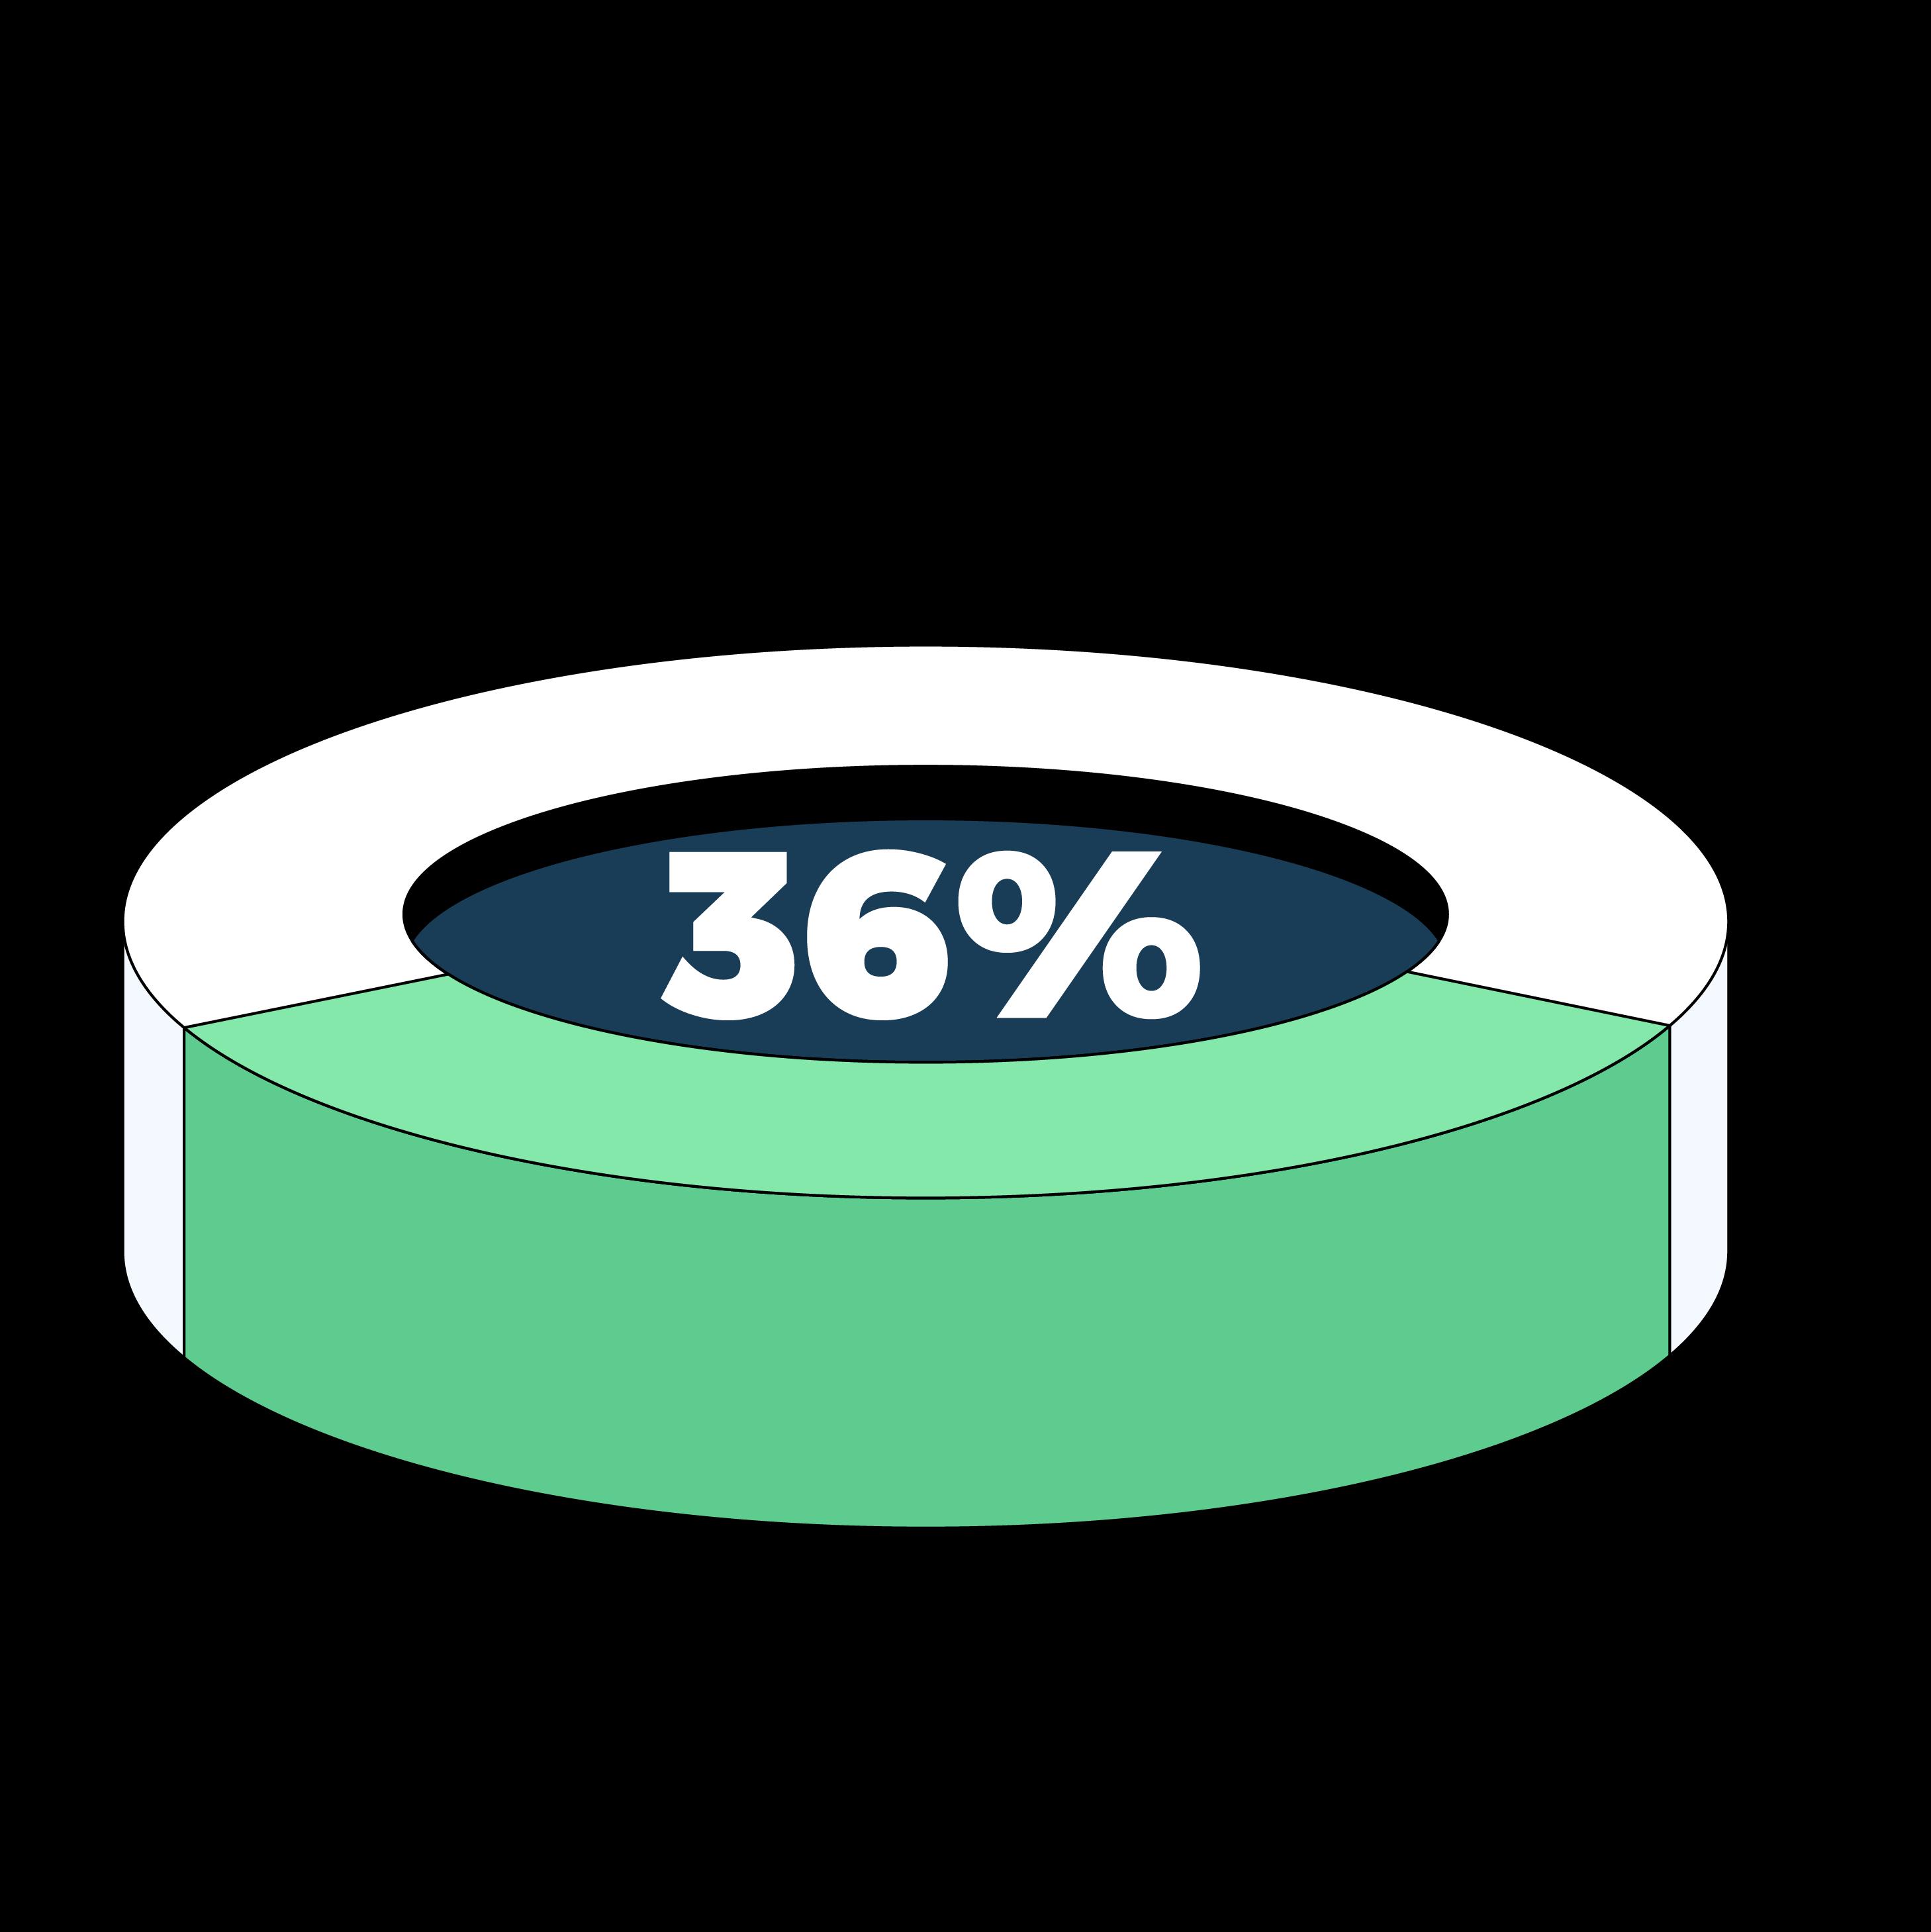 36% piechart.